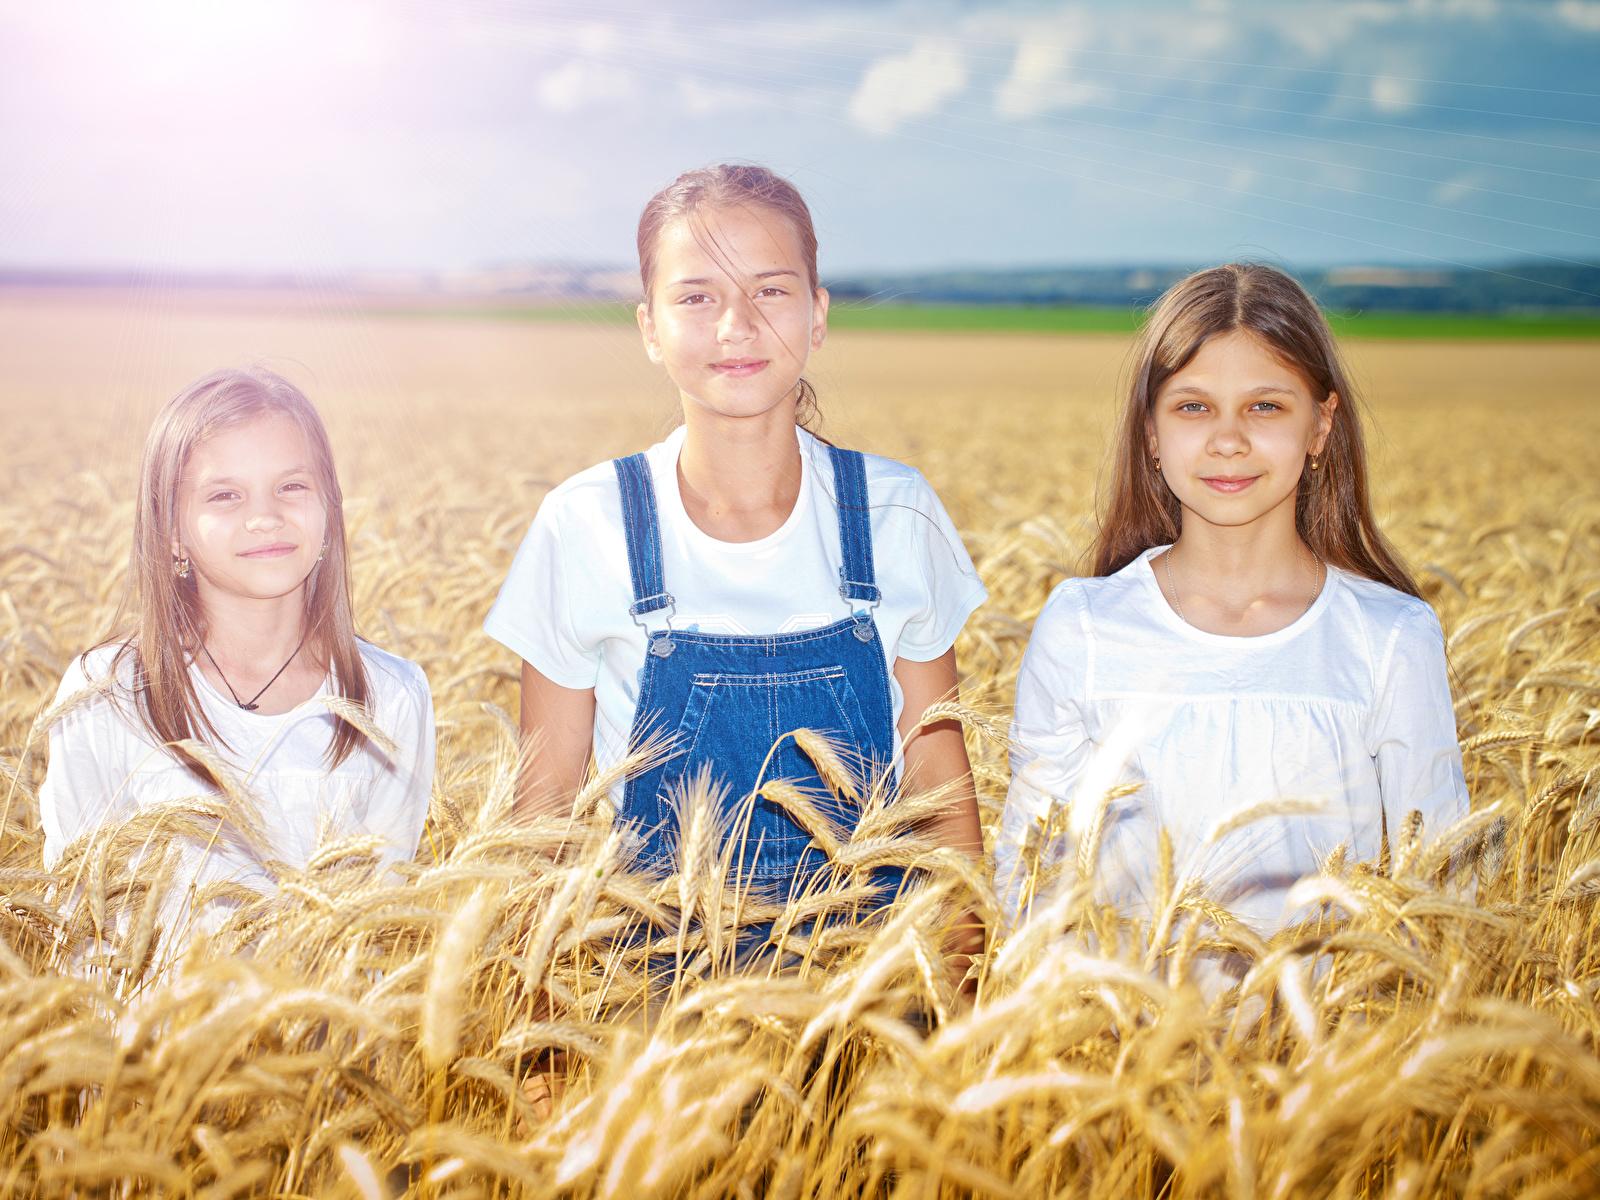 Картинки Девочки ребёнок Поля колоски три 1600x1200 девочка Дети Колос колосья колосок Трое 3 втроем